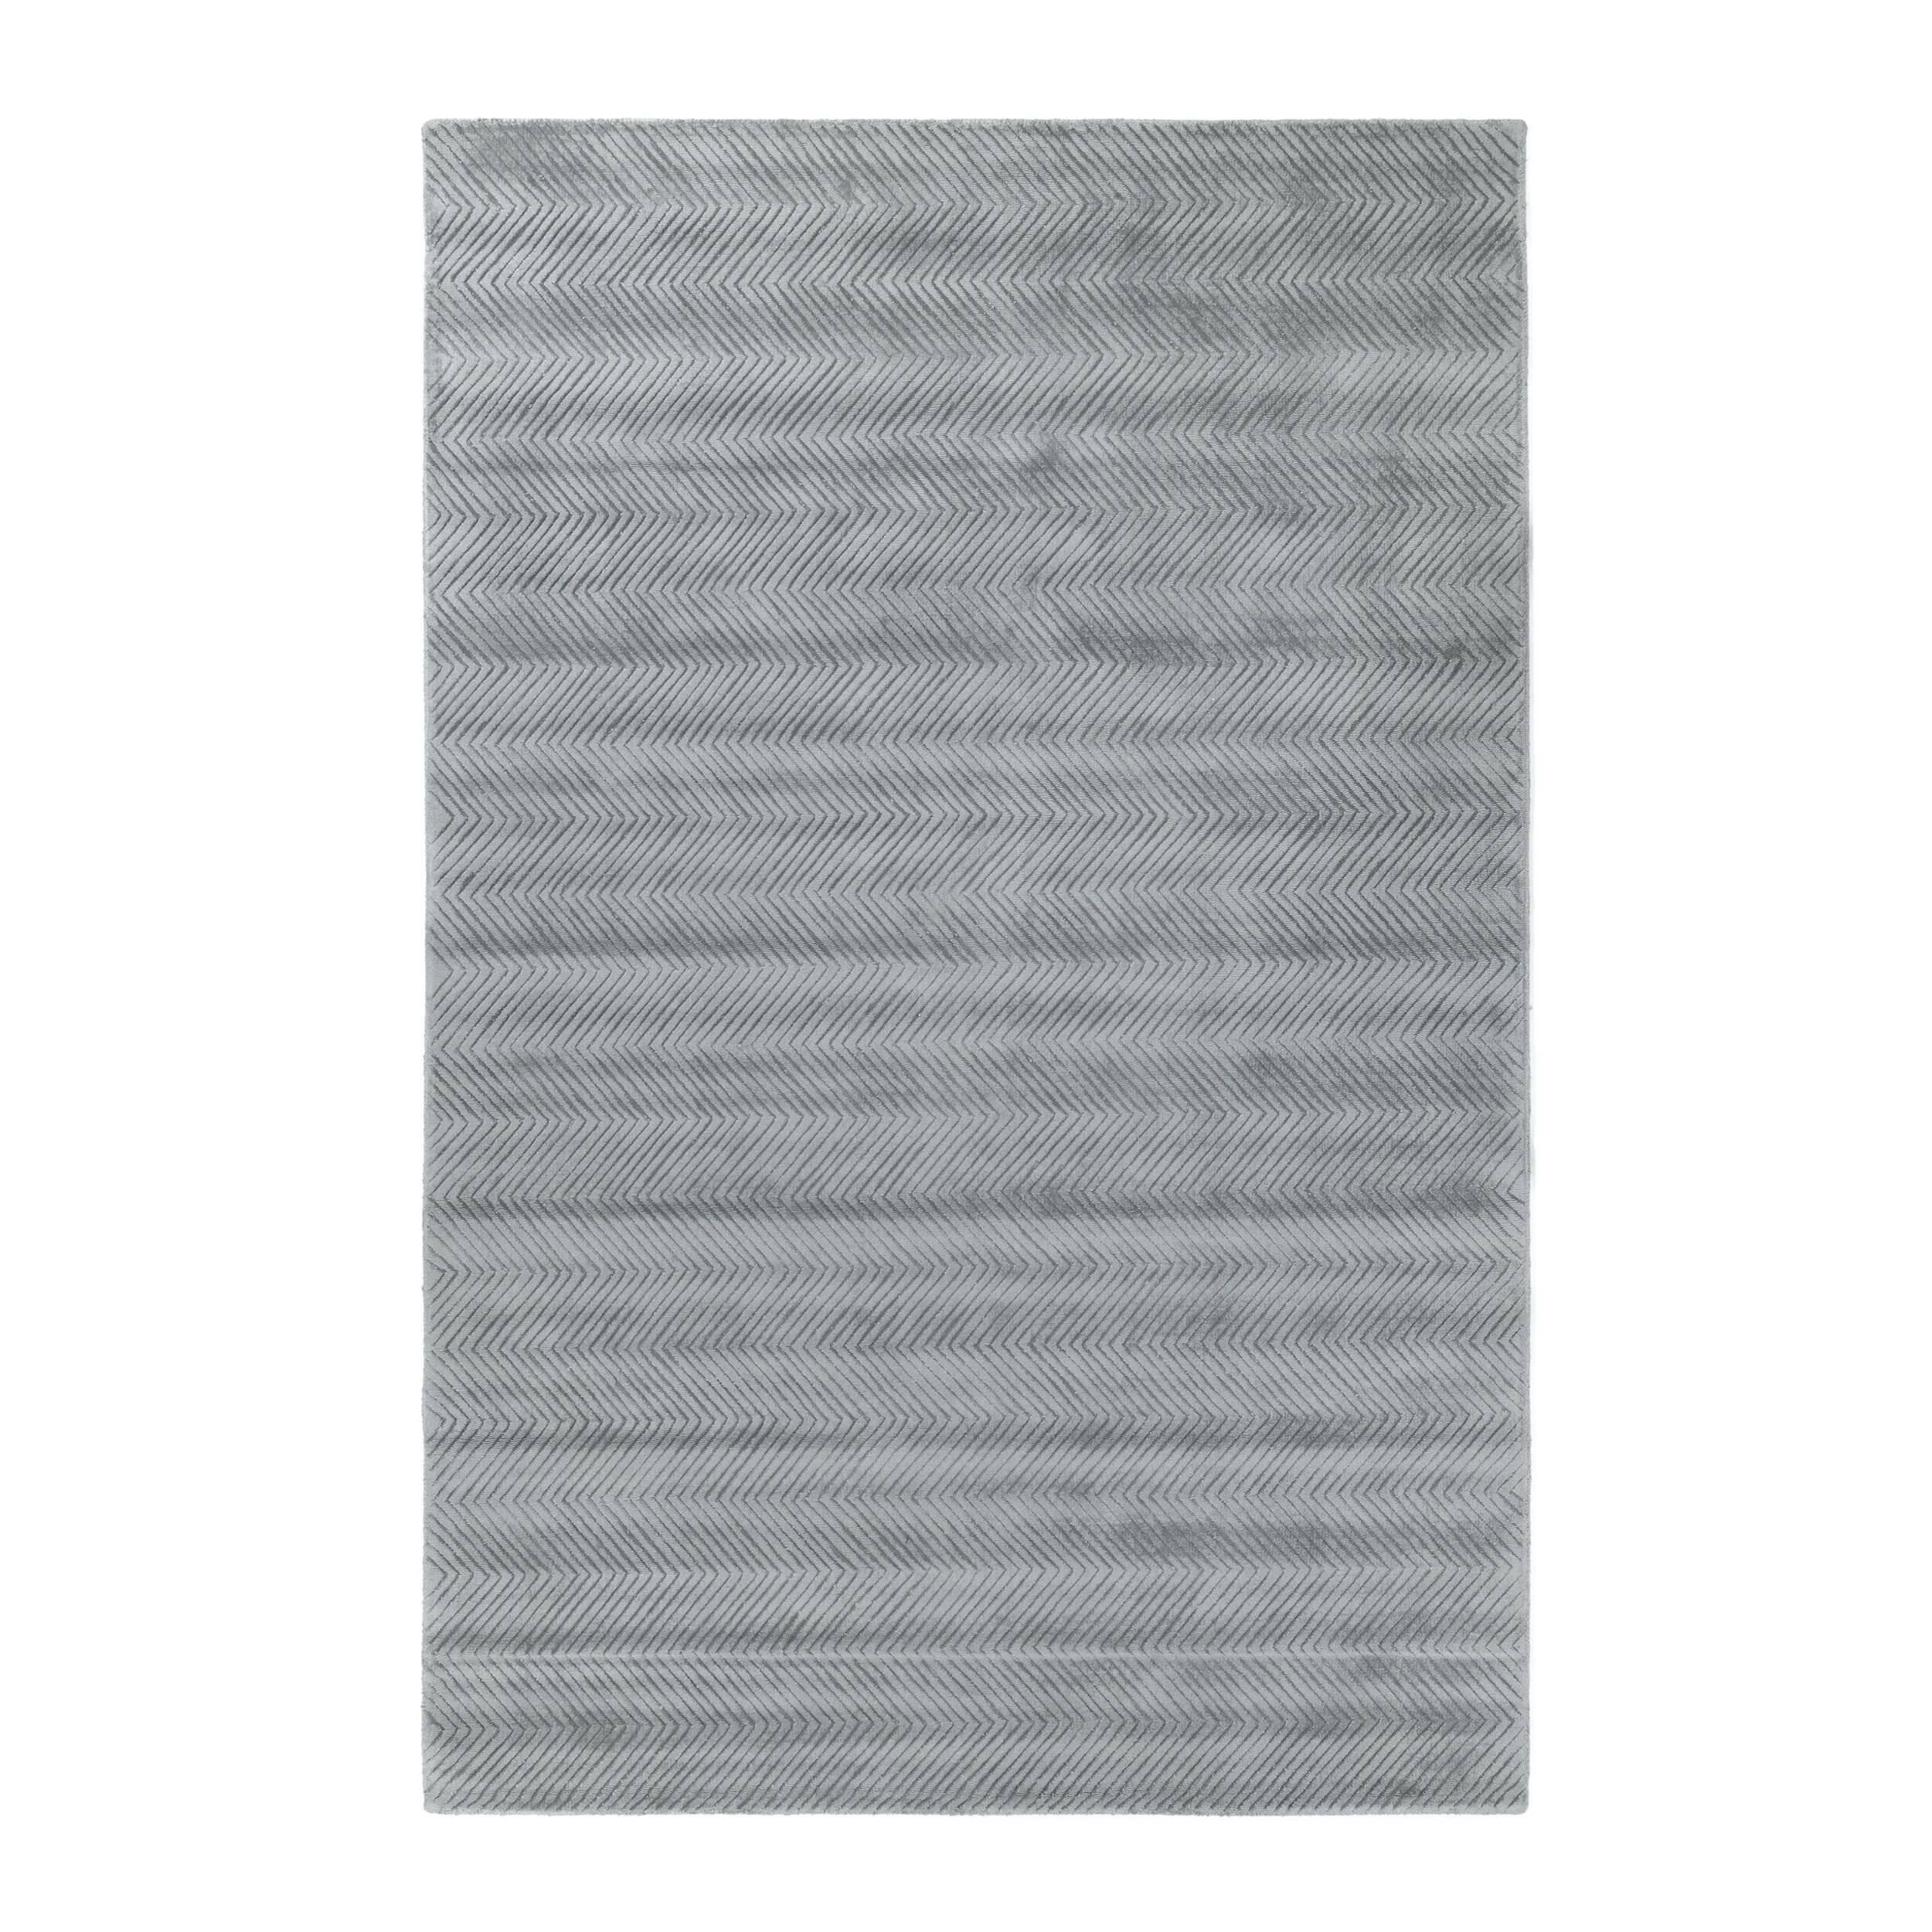 Ковер Parcia Steel, 190x290